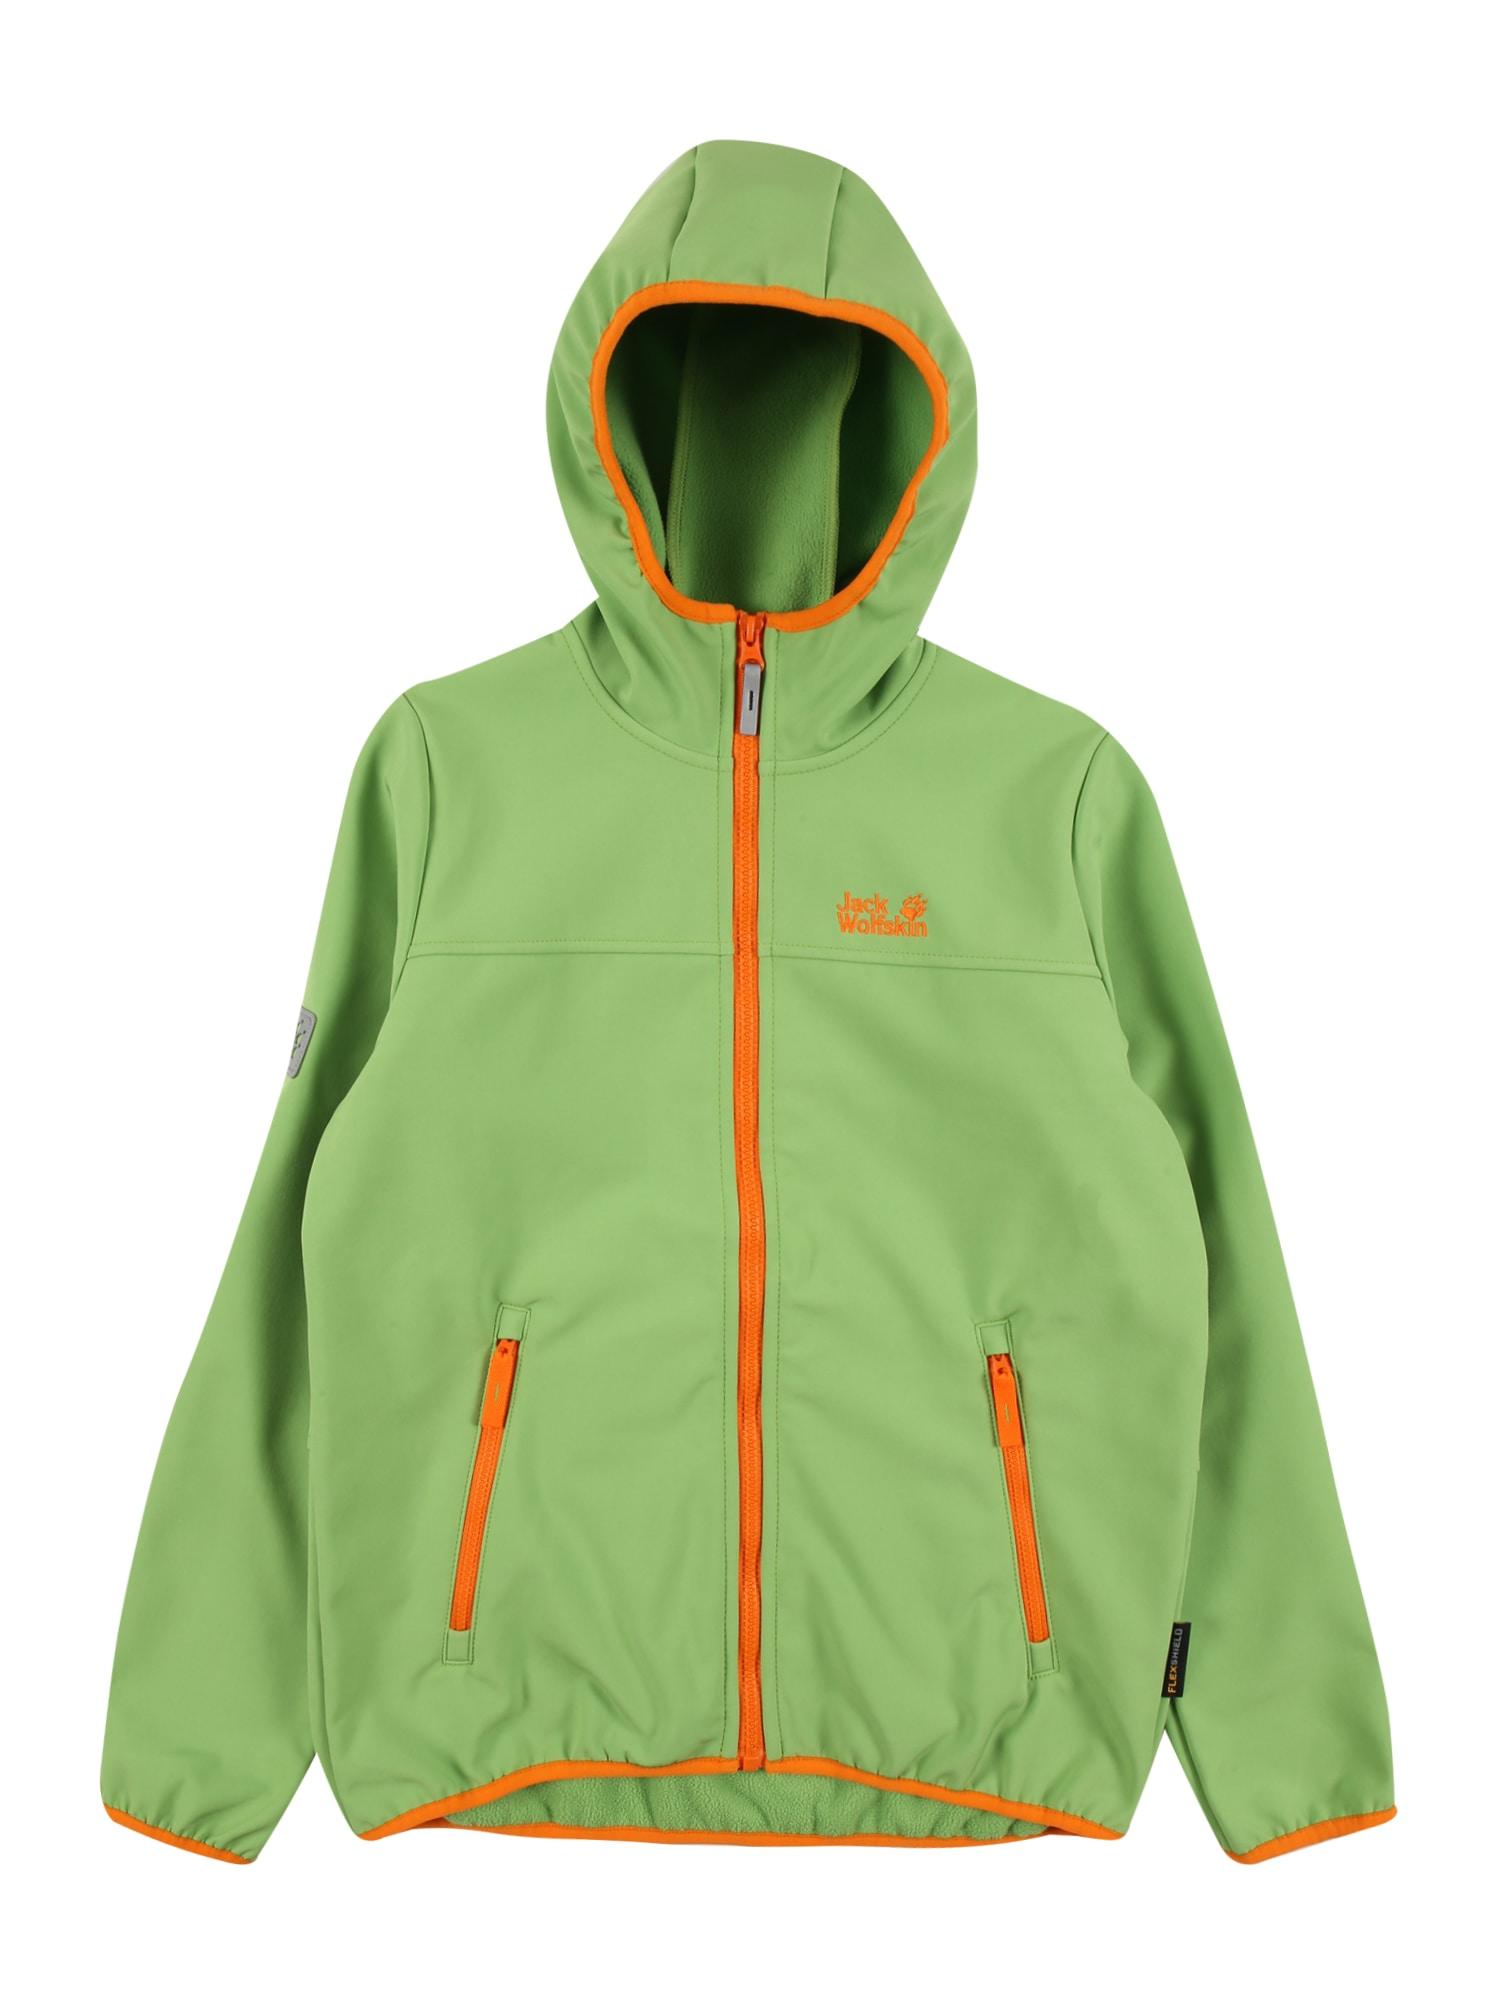 JACK WOLFSKIN Funkcinė striukė 'Four Winds' šviesiai žalia / oranžinė